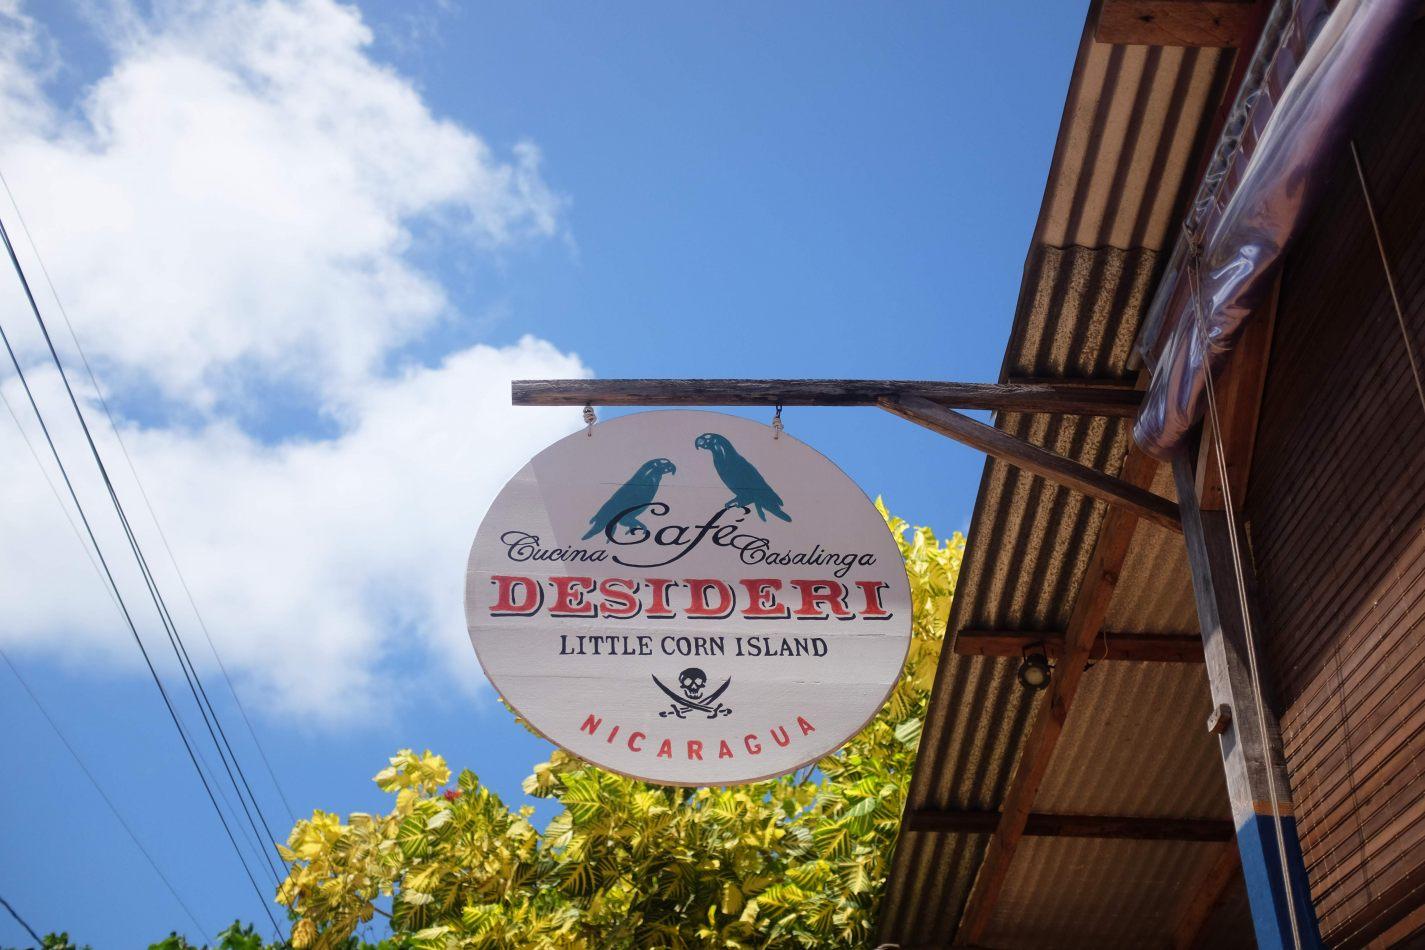 Hibiscus & Nomada : - - Cafe Desideri